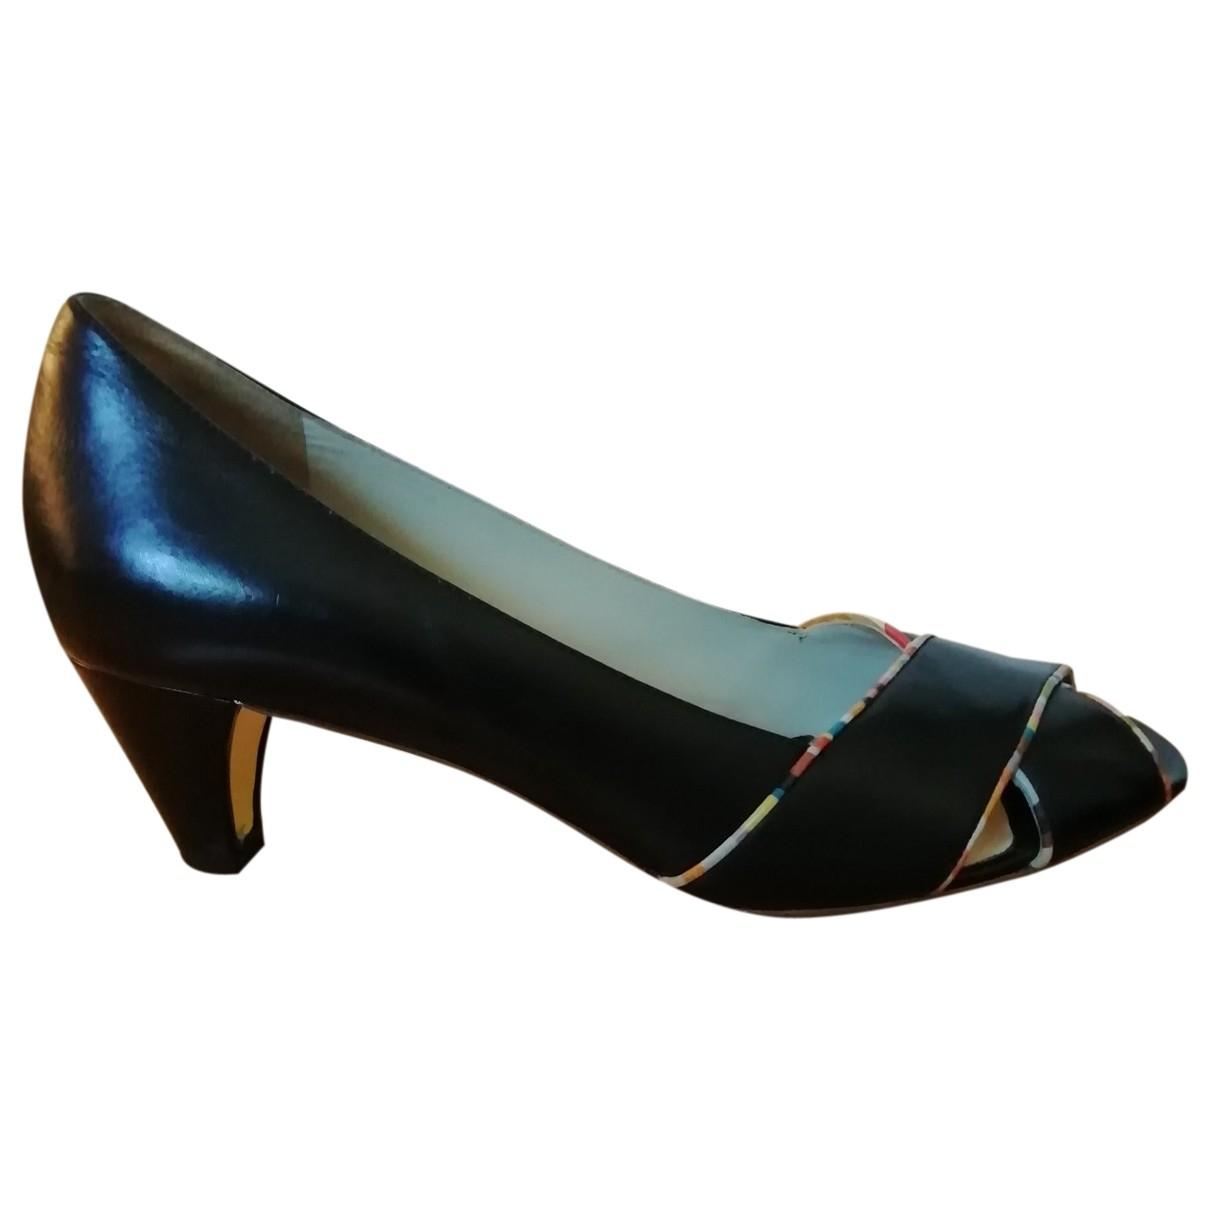 Paul Smith - Escarpins   pour femme en cuir - noir